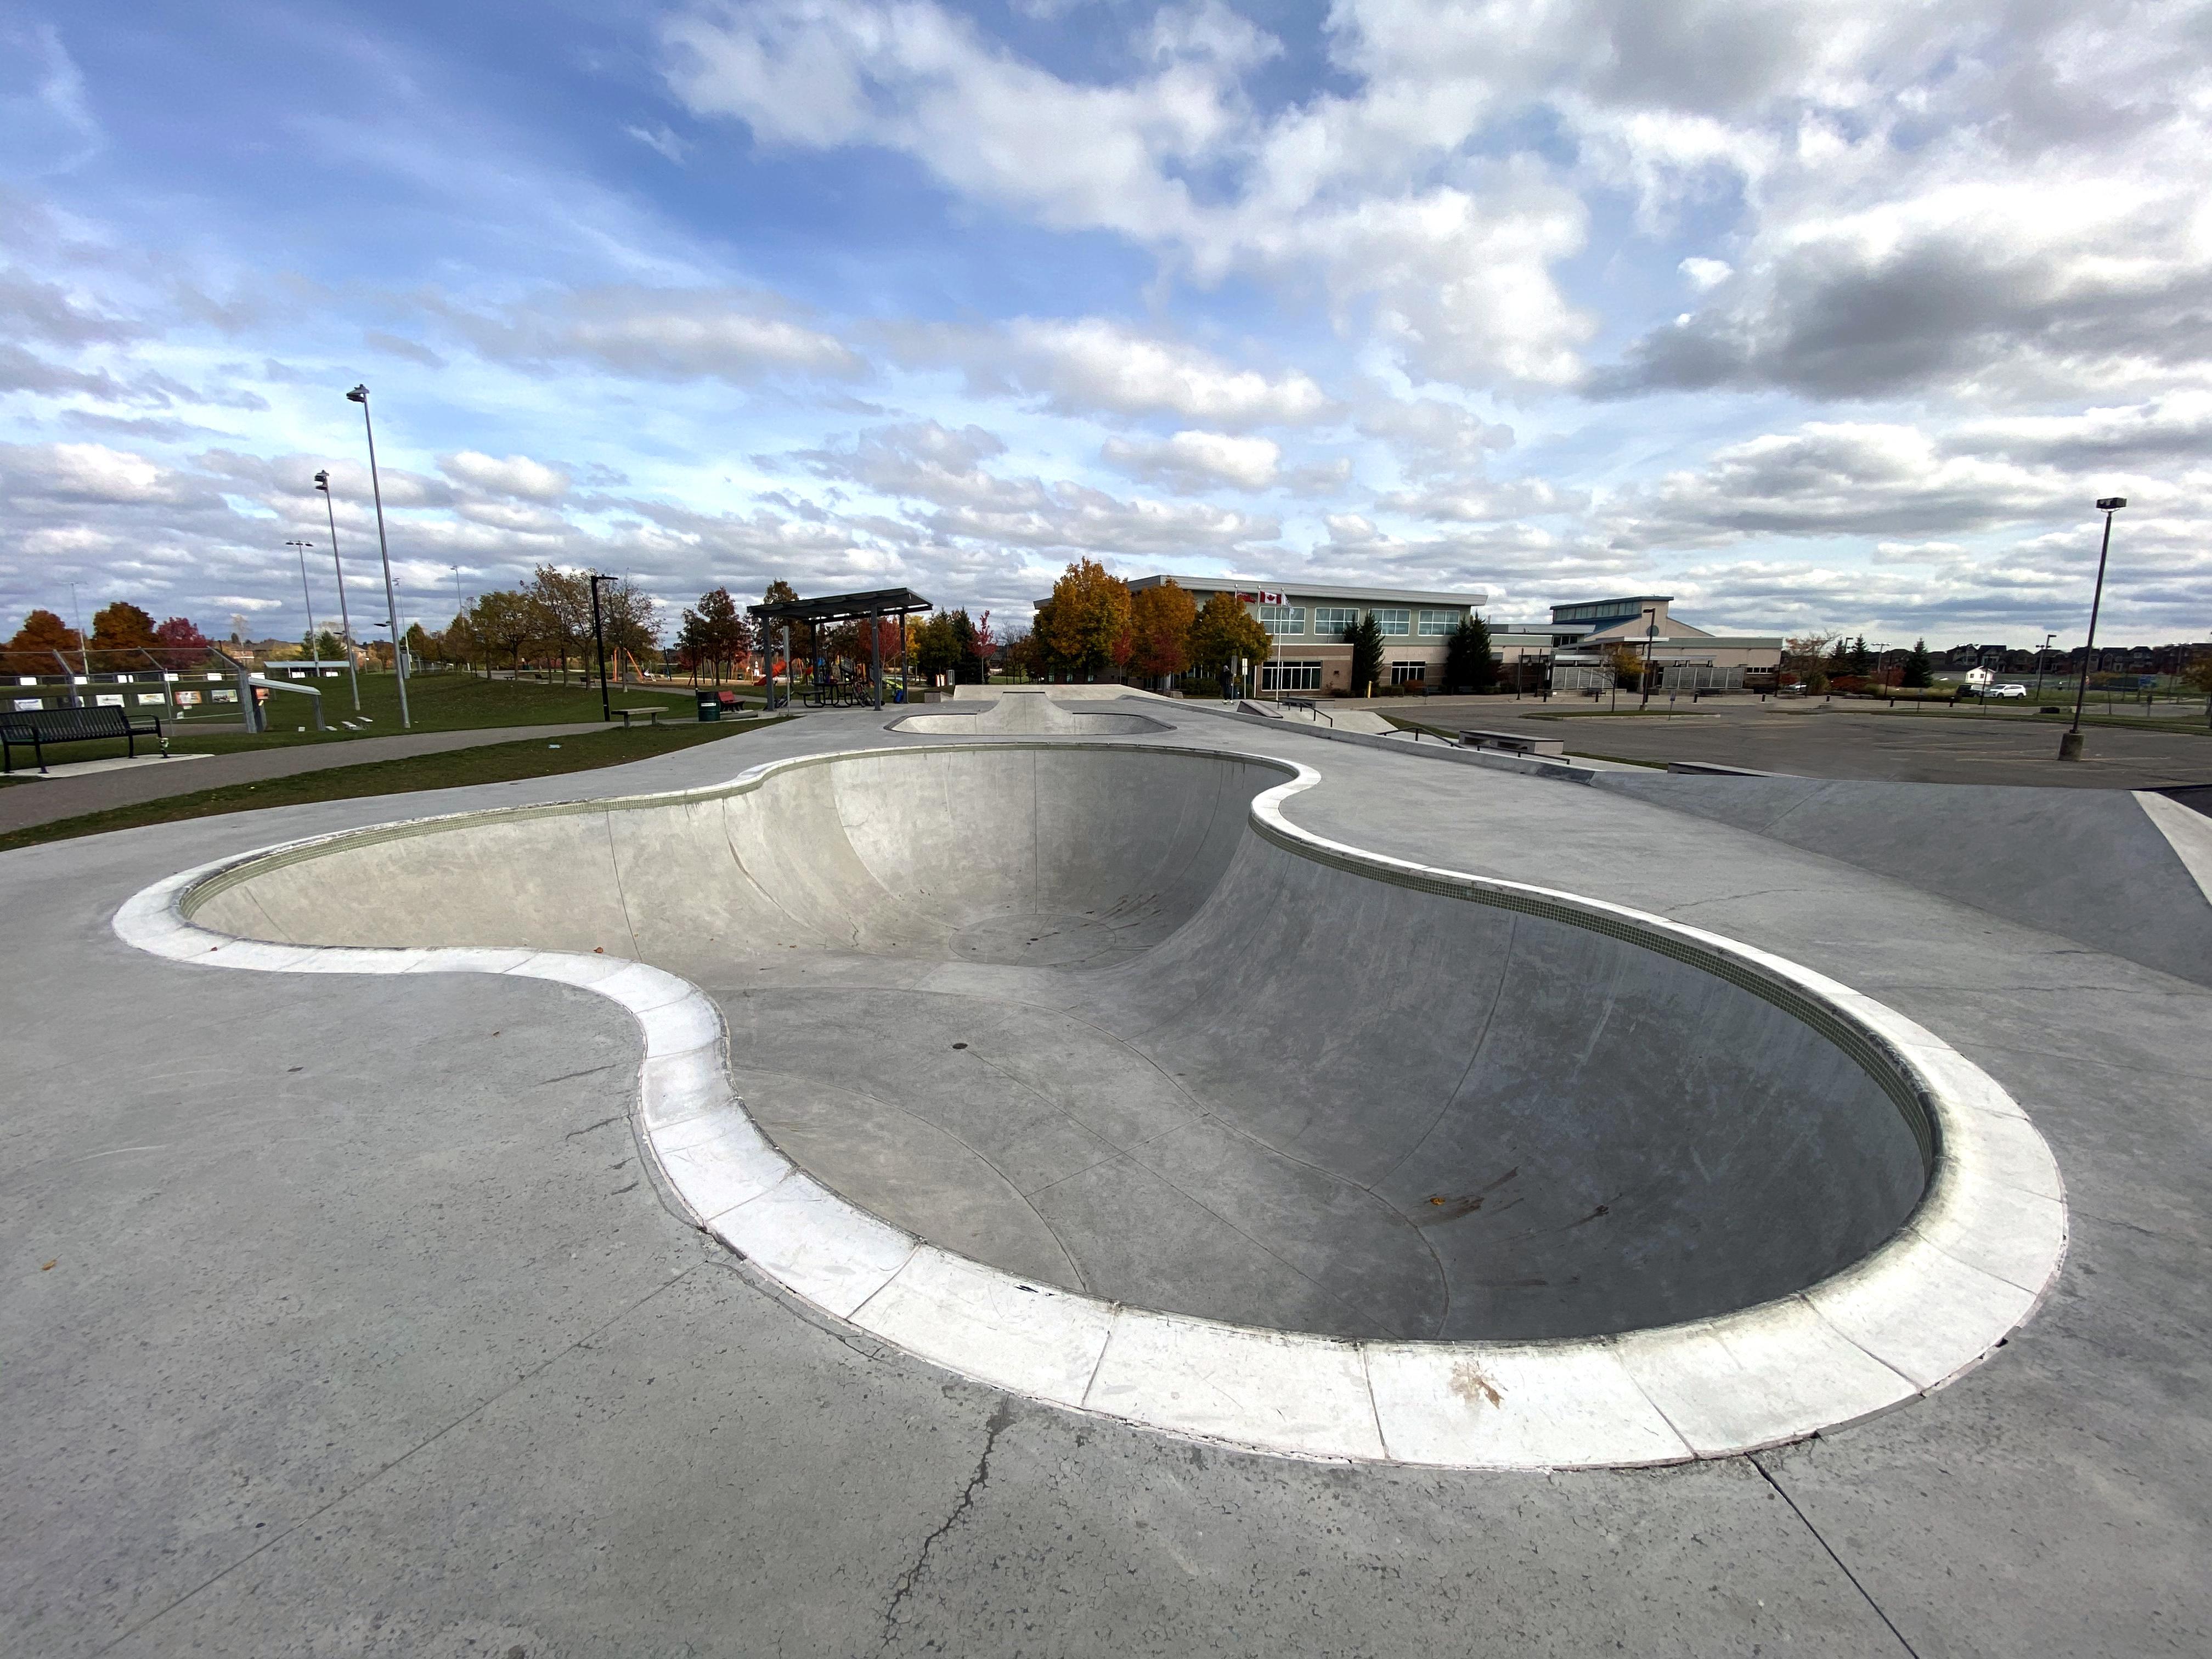 Georgetown skatepark kidney bowl with pool coping